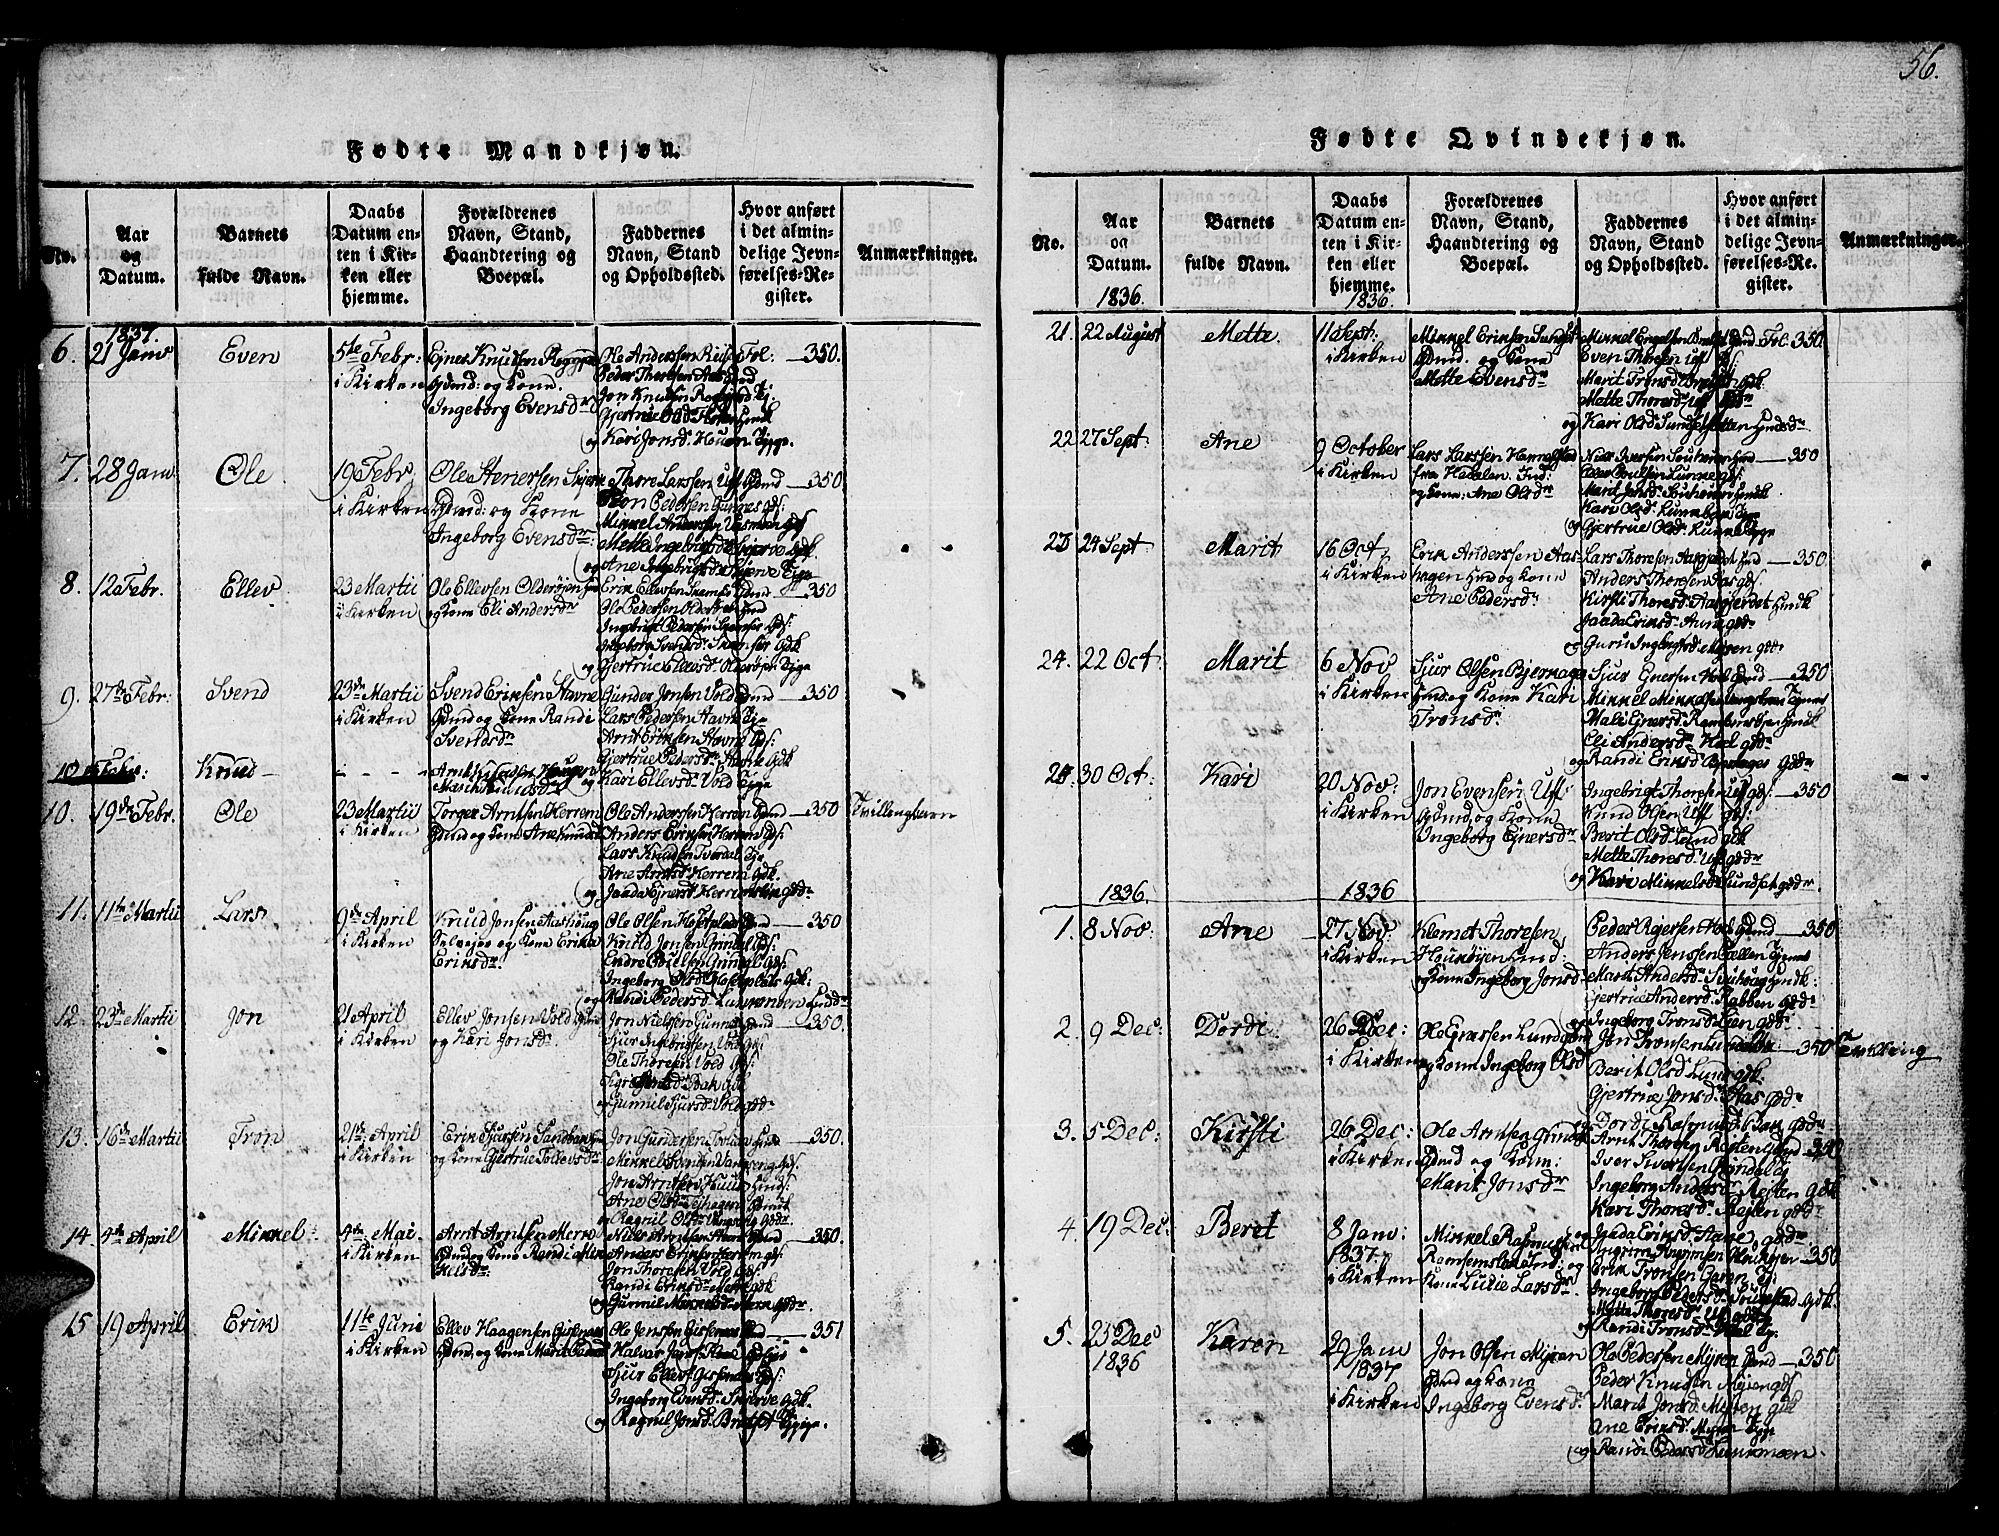 SAT, Ministerialprotokoller, klokkerbøker og fødselsregistre - Sør-Trøndelag, 674/L0874: Klokkerbok nr. 674C01, 1816-1860, s. 56